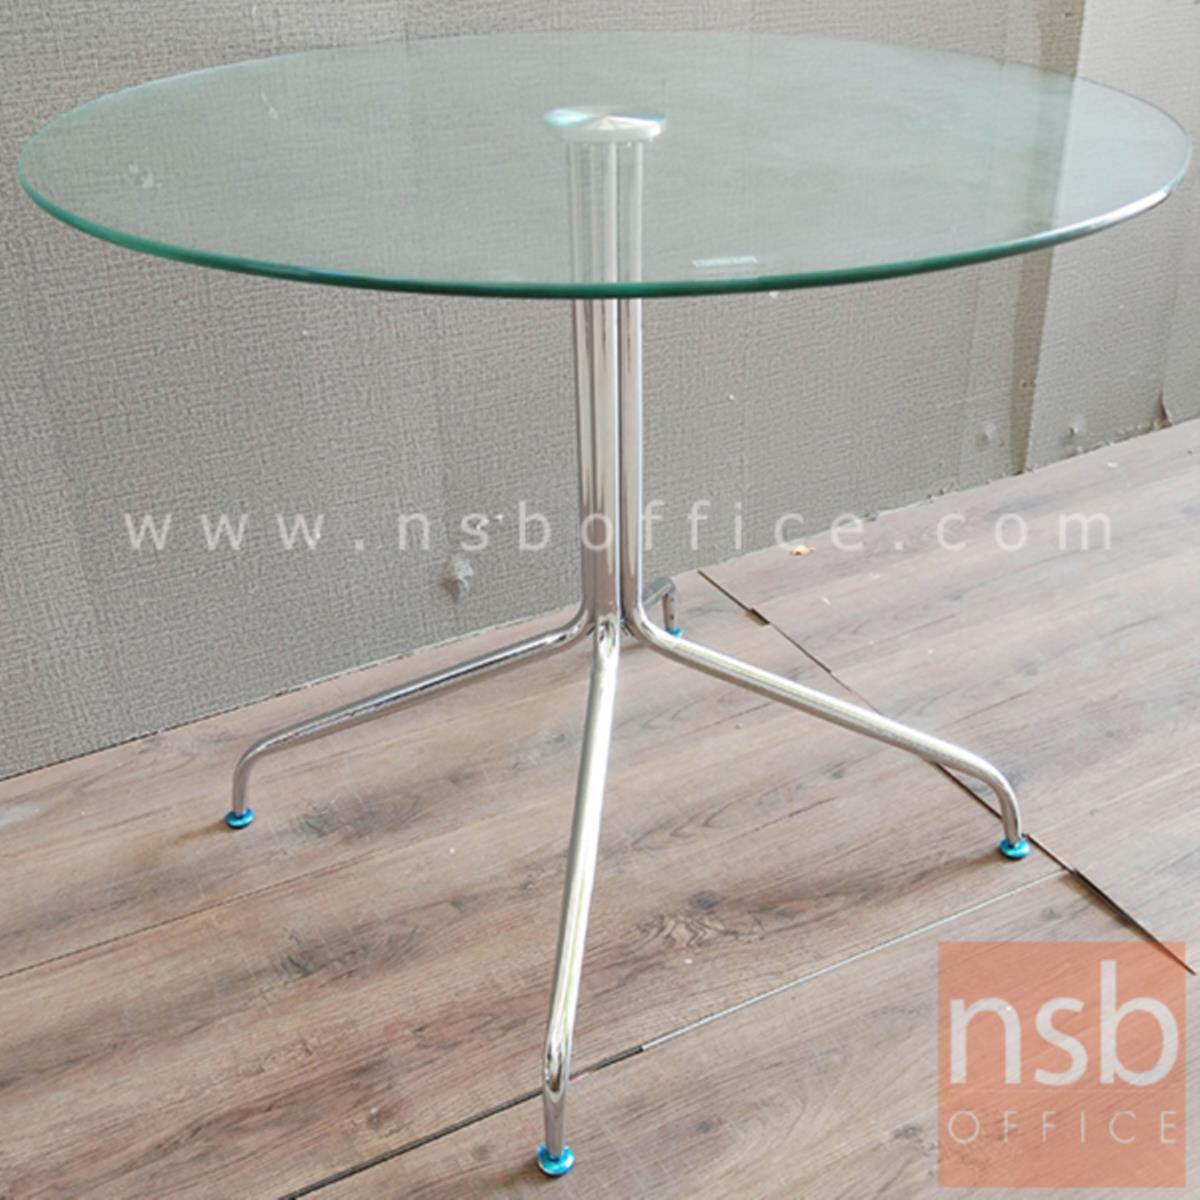 โต๊ะกลมหน้ากระจก รุ่น FN-9722  ขนาด 90Di cm.  โครงขาเหล็กชุบโครเมี่ยม (ยกเลิก)